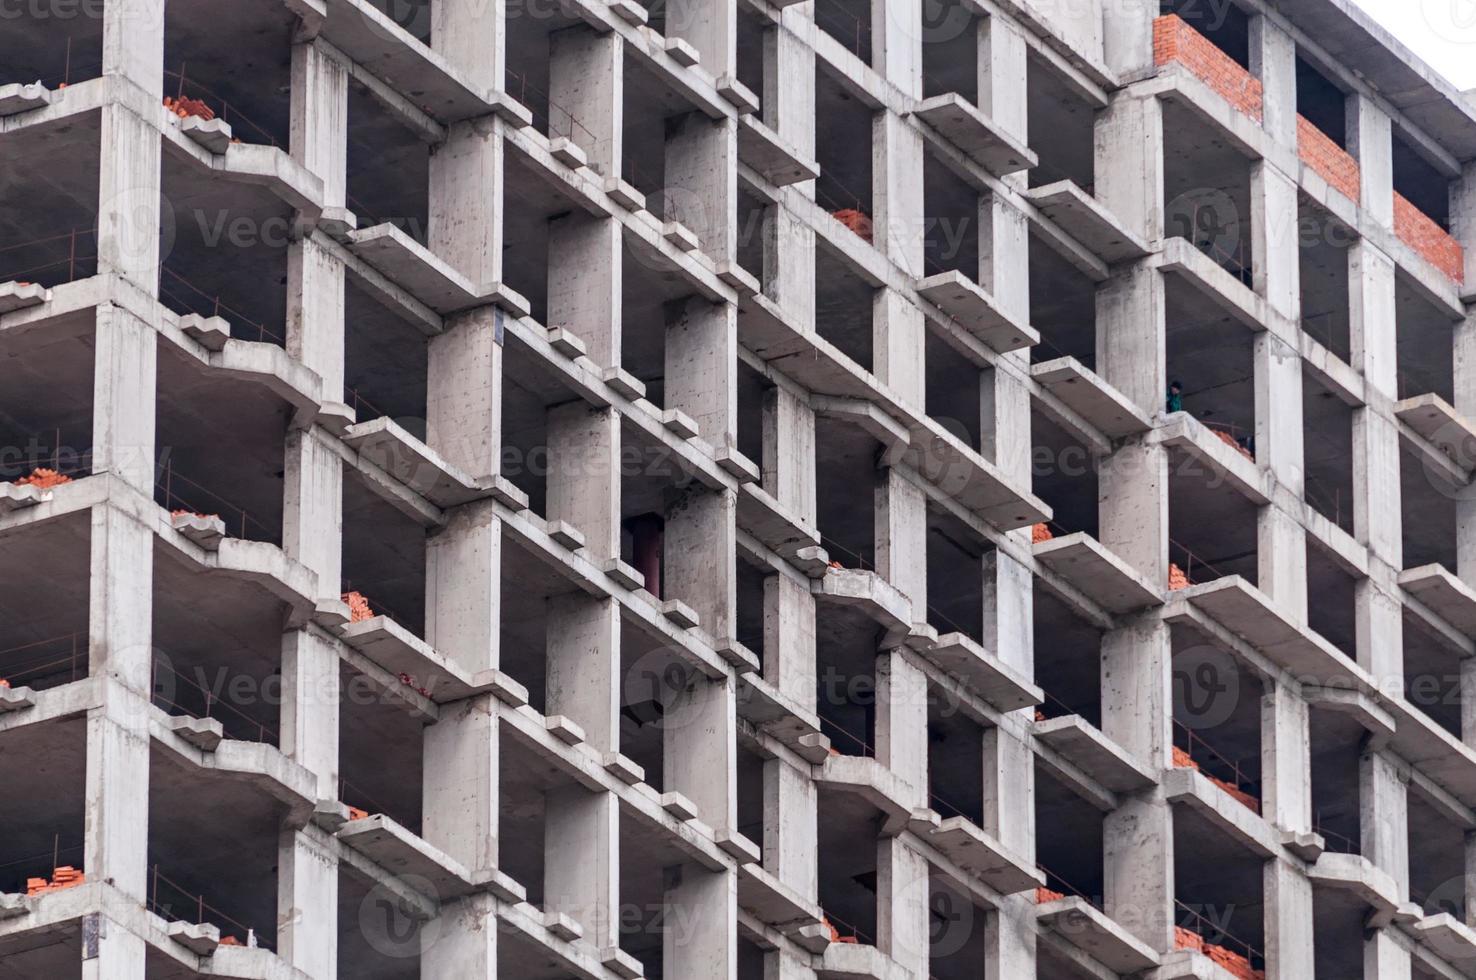 Chantier de construction de bâtiments en briques à plusieurs étages photo